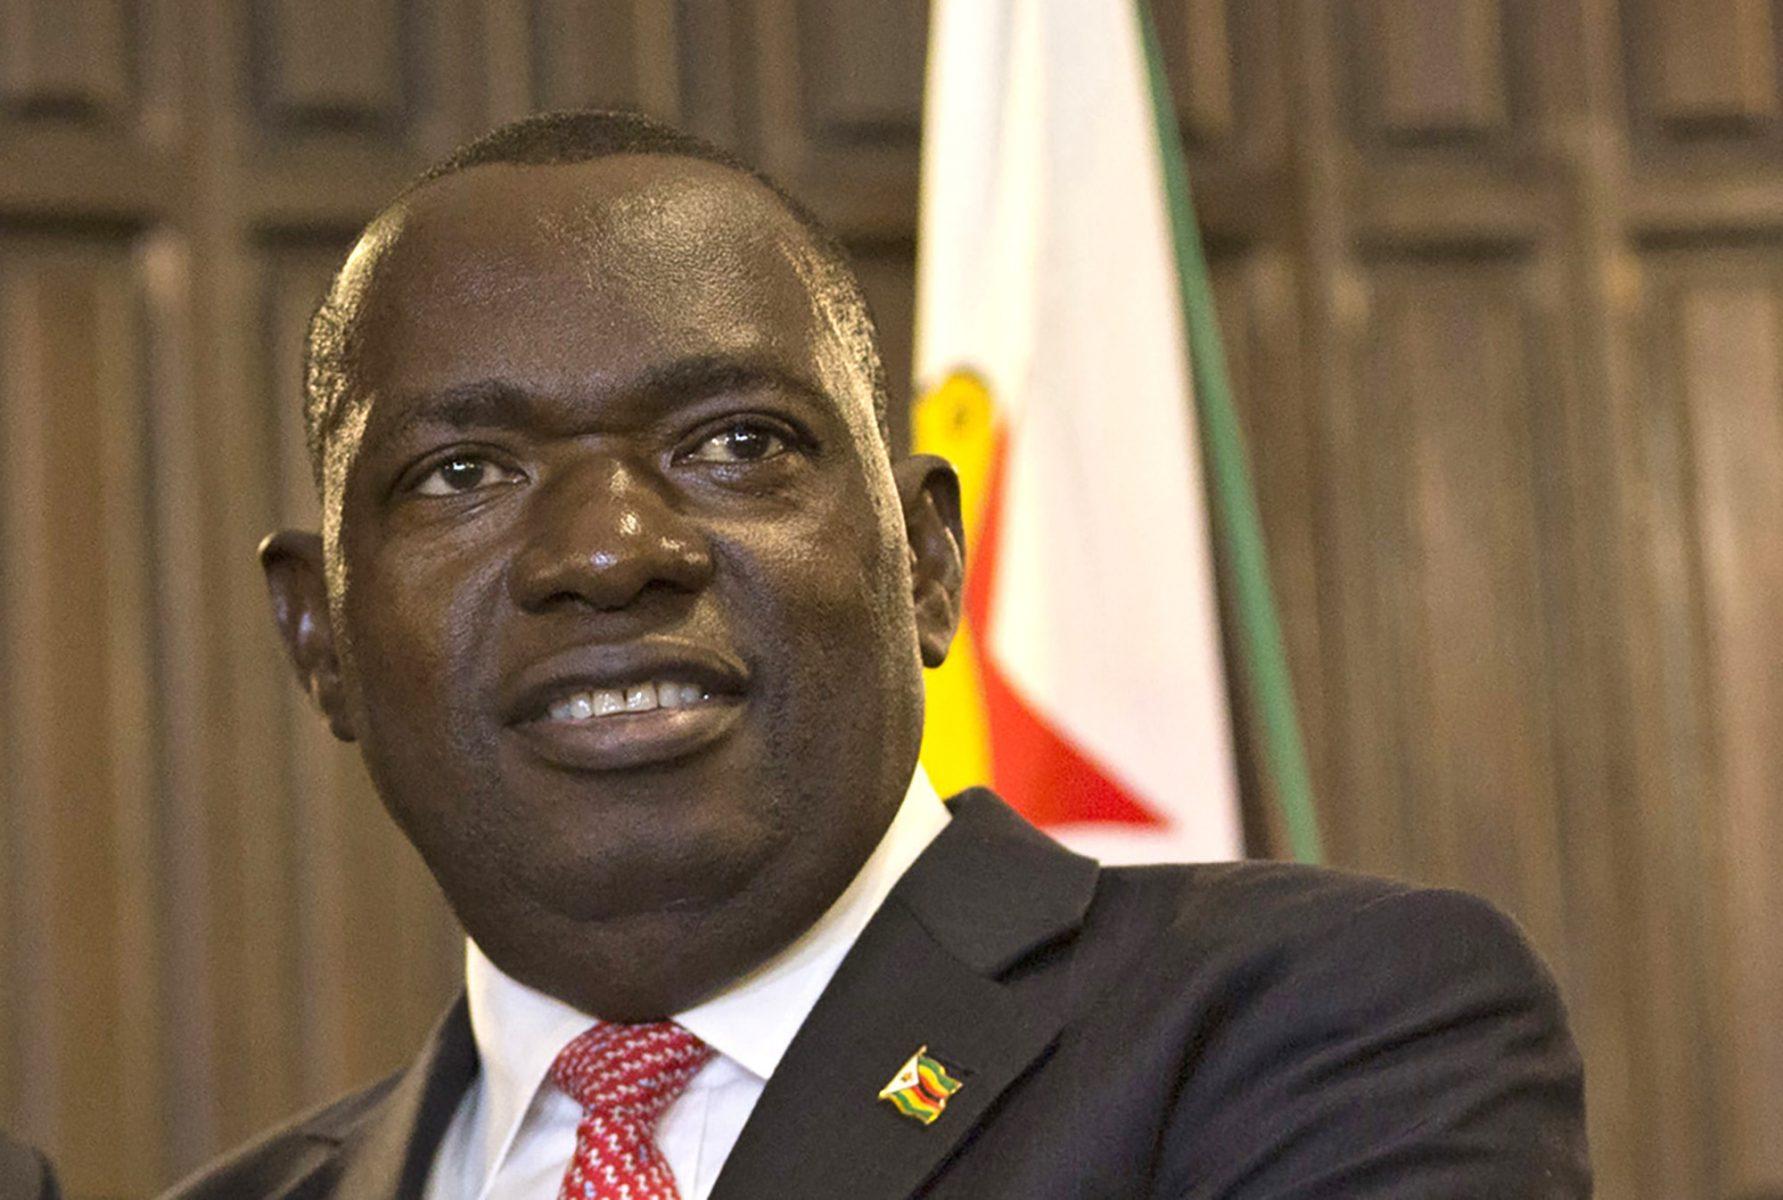 Κορωνοϊός: Πέθανε από covid-19 ο Υπουργός Εξωτερικών της Ζιμπάμπουε